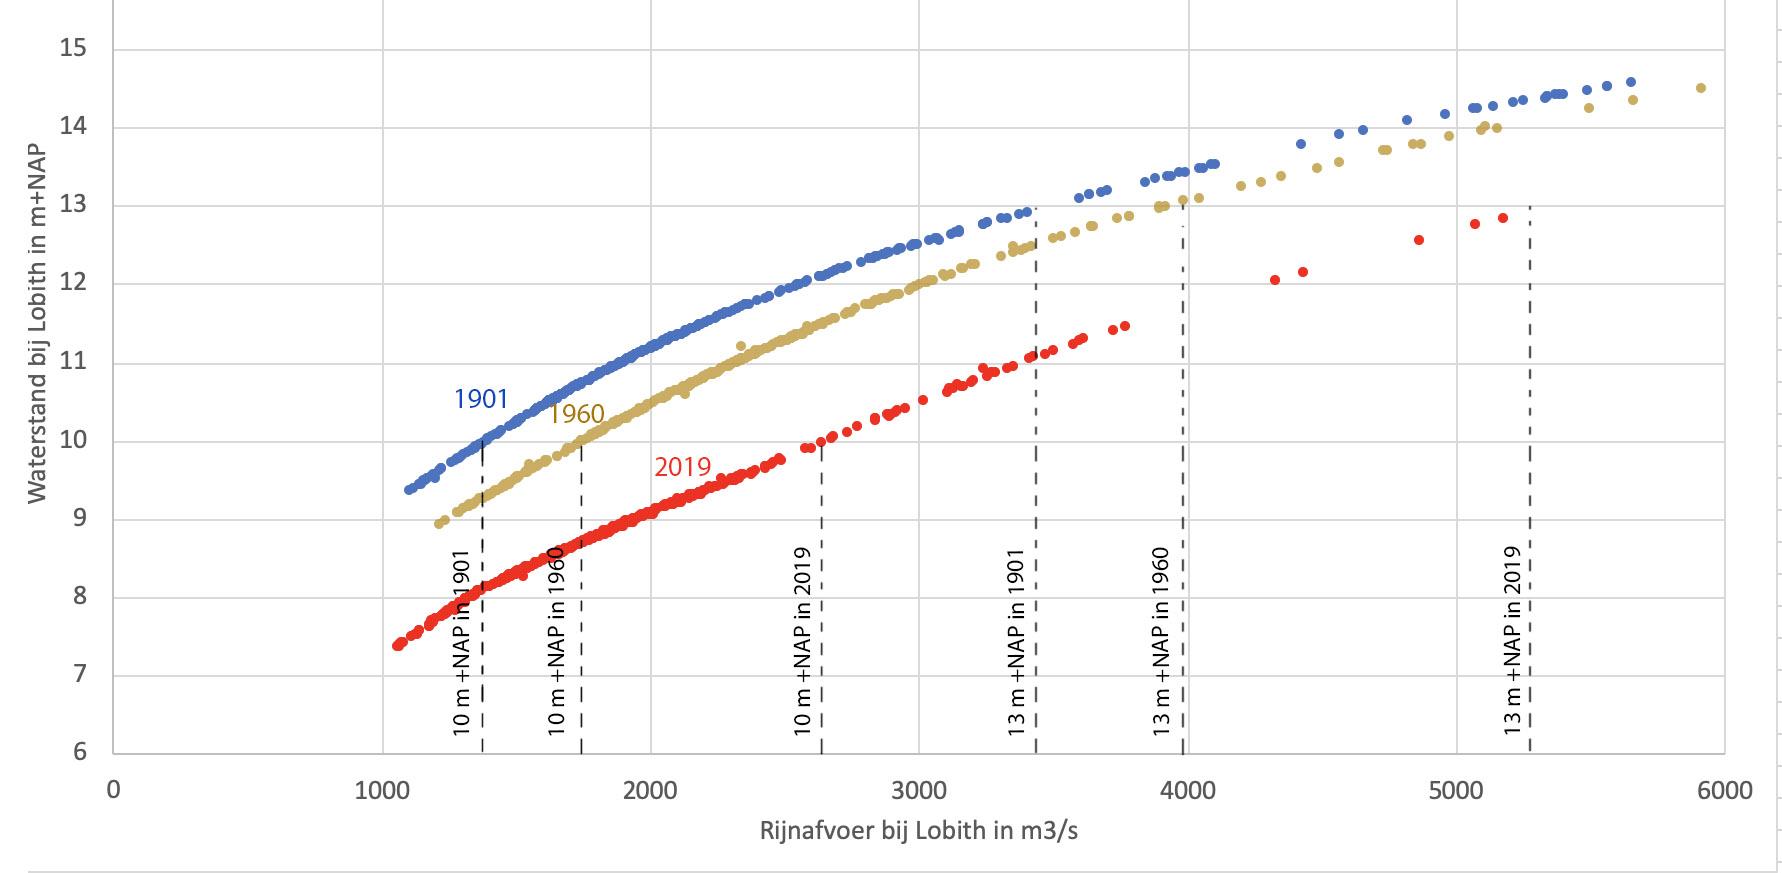 Van 3 jaren uit de meetreeks van Lobith is van iedere dag de waterstand (vertikale as) uitgezet tegen de rivierafvoer (horizontale as).